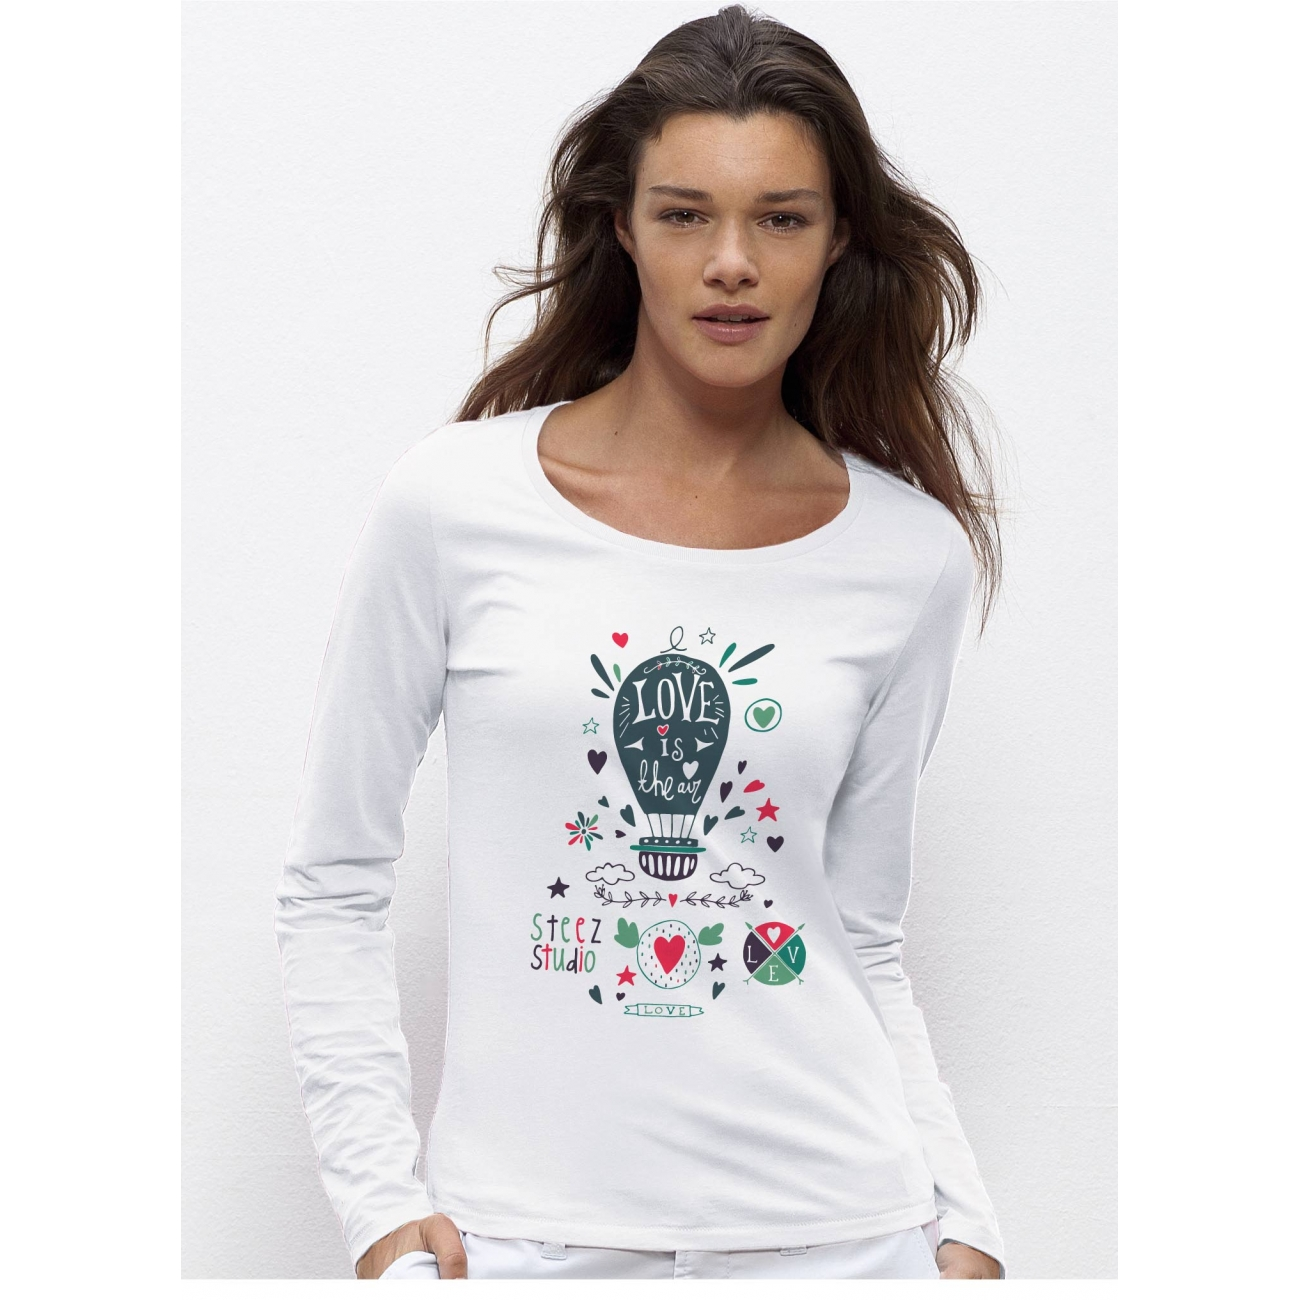 https://tee-shirt-bio.com/2961-thickbox_default/tshirt-femme-manches-longues-coton-bio-equitable-blanc-doux-et-leger-visuel-ecolo-loves.jpg